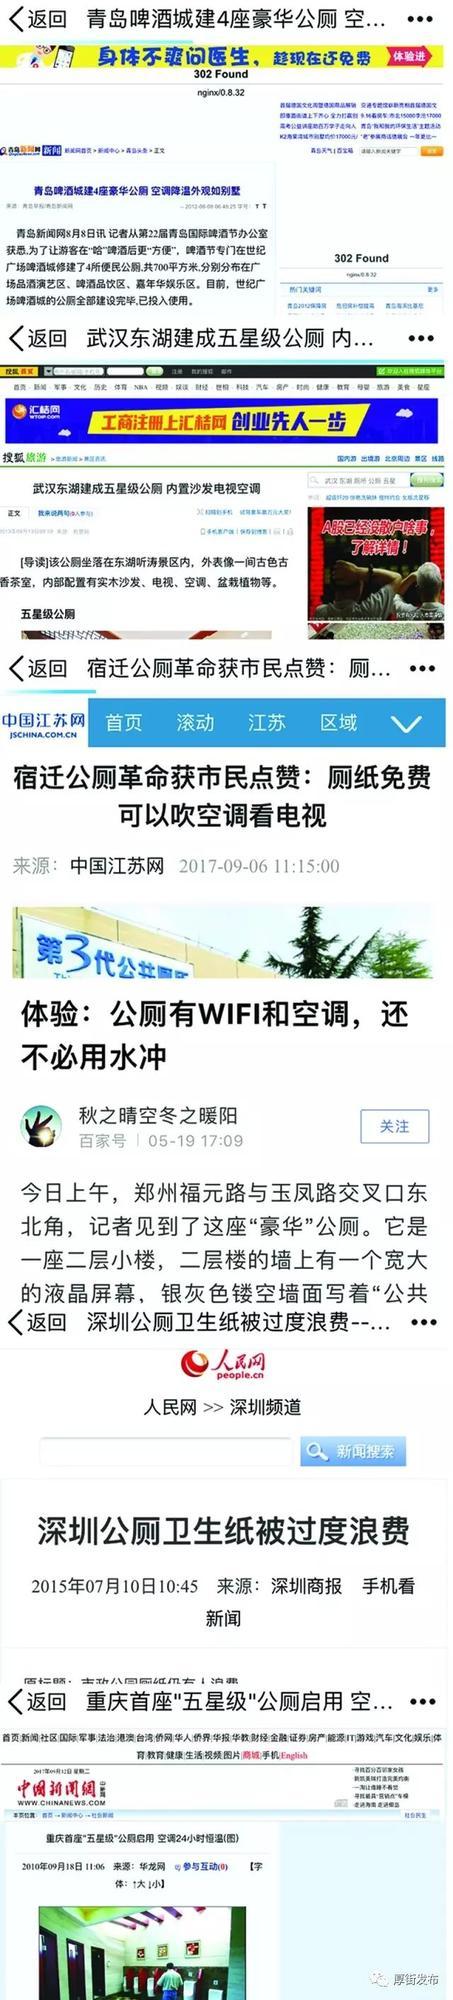 东莞这个镇的公共厕所将装空调 市民夏天如厕不再汗流浃背